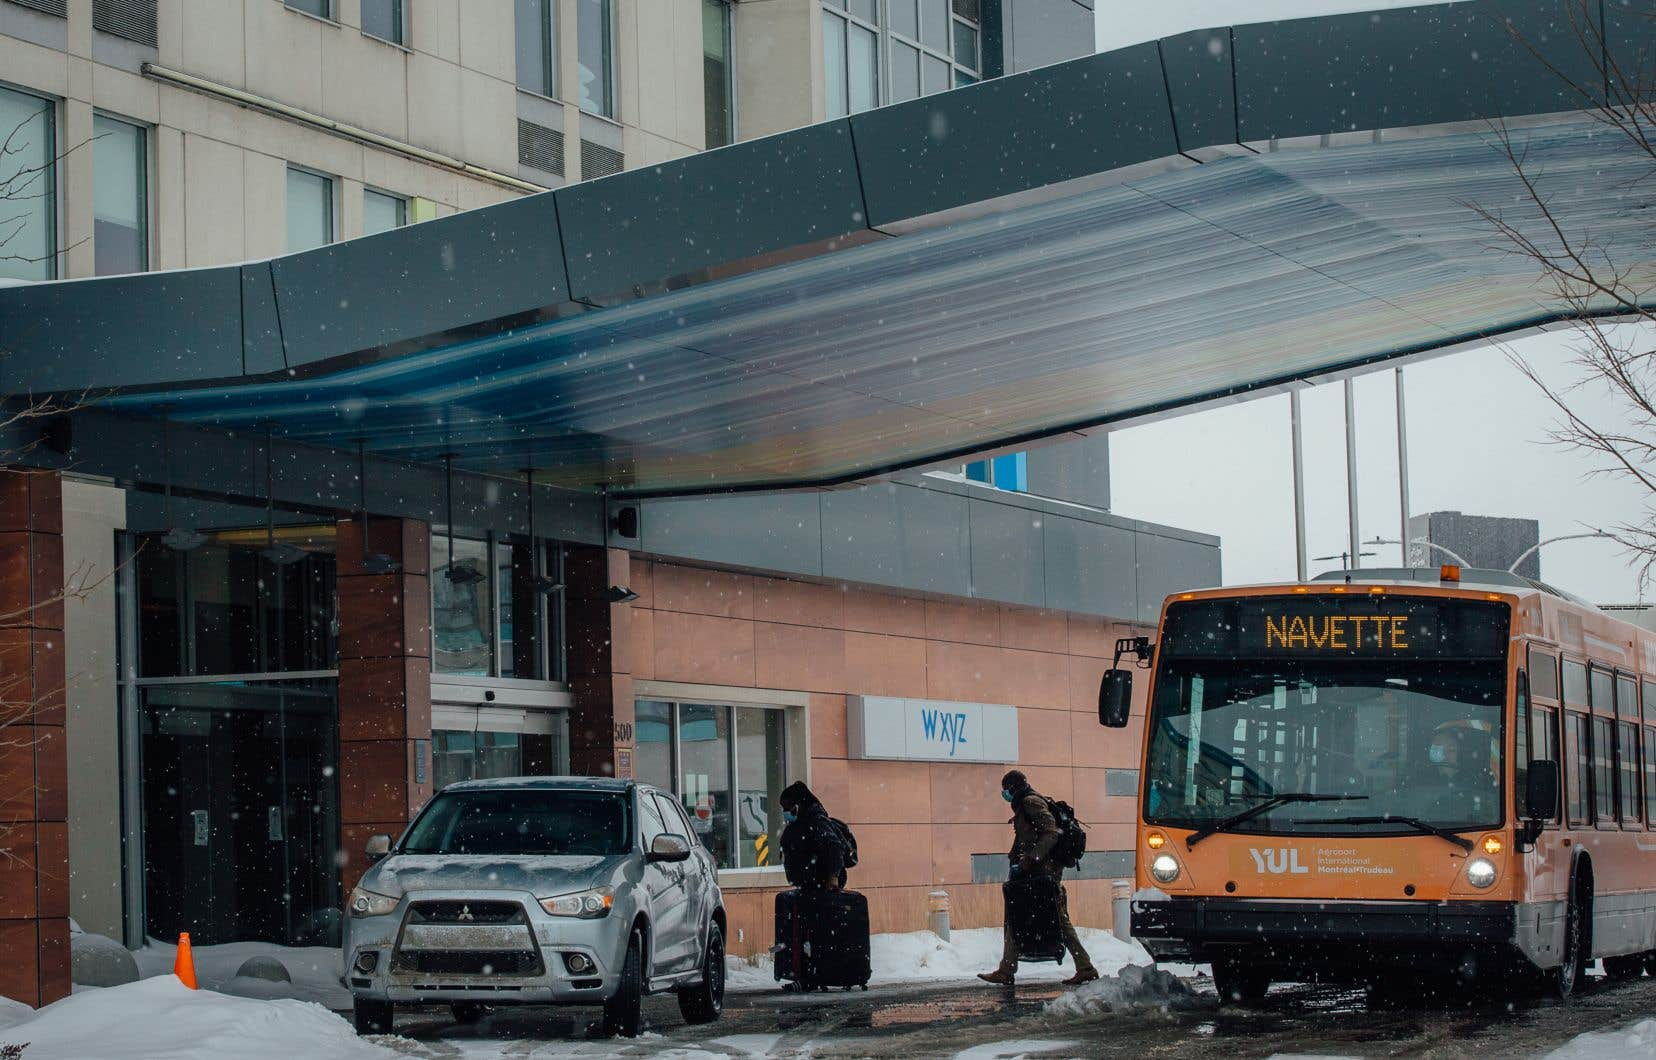 Depuis le 22 février, les voyageurs arrivant au Canada sont mis en quarantaine dans un des hôtels désignés.